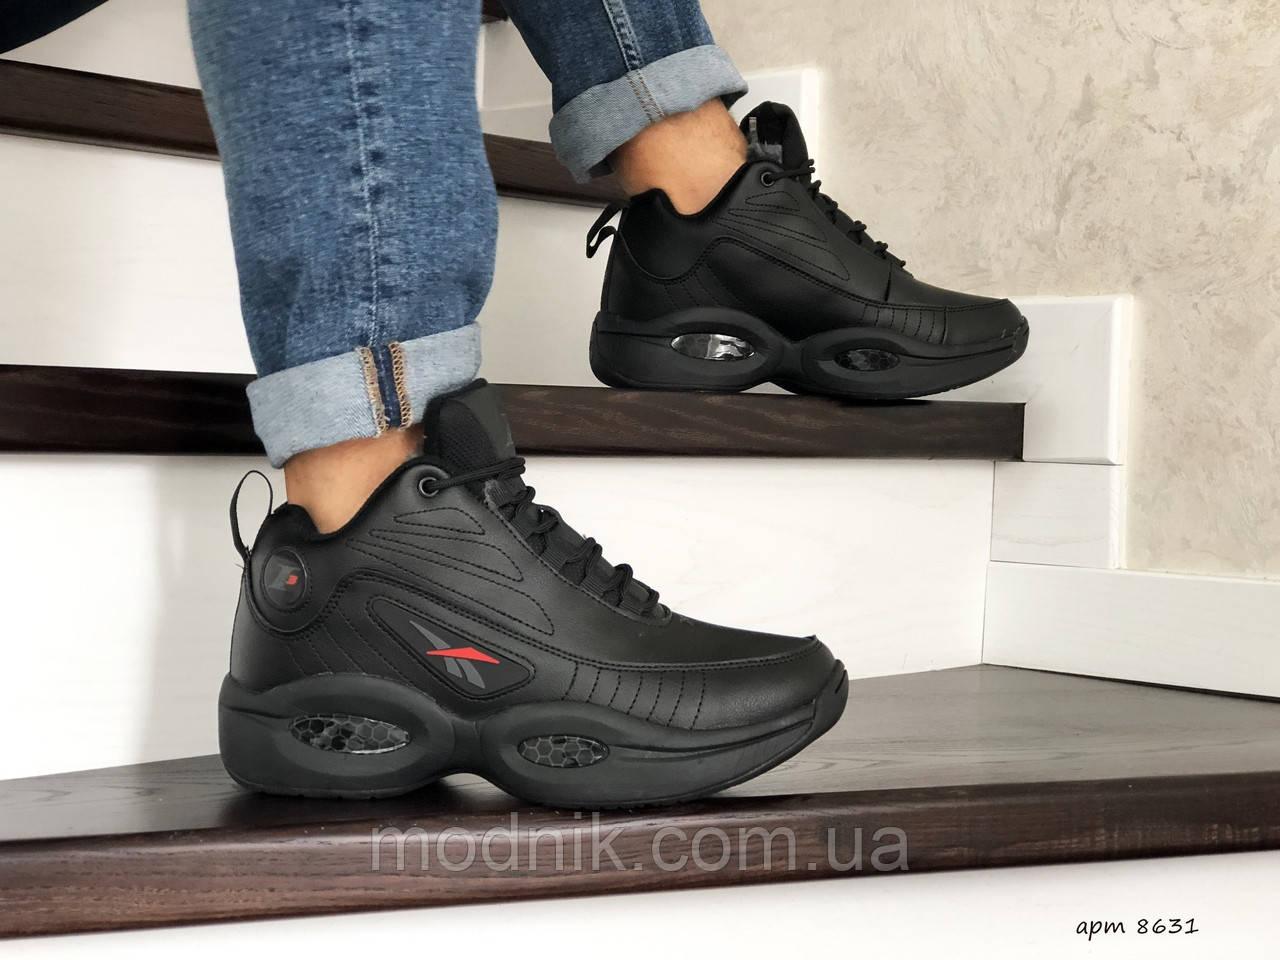 Мужские зимние кроссовки Reebok I3 (черные)